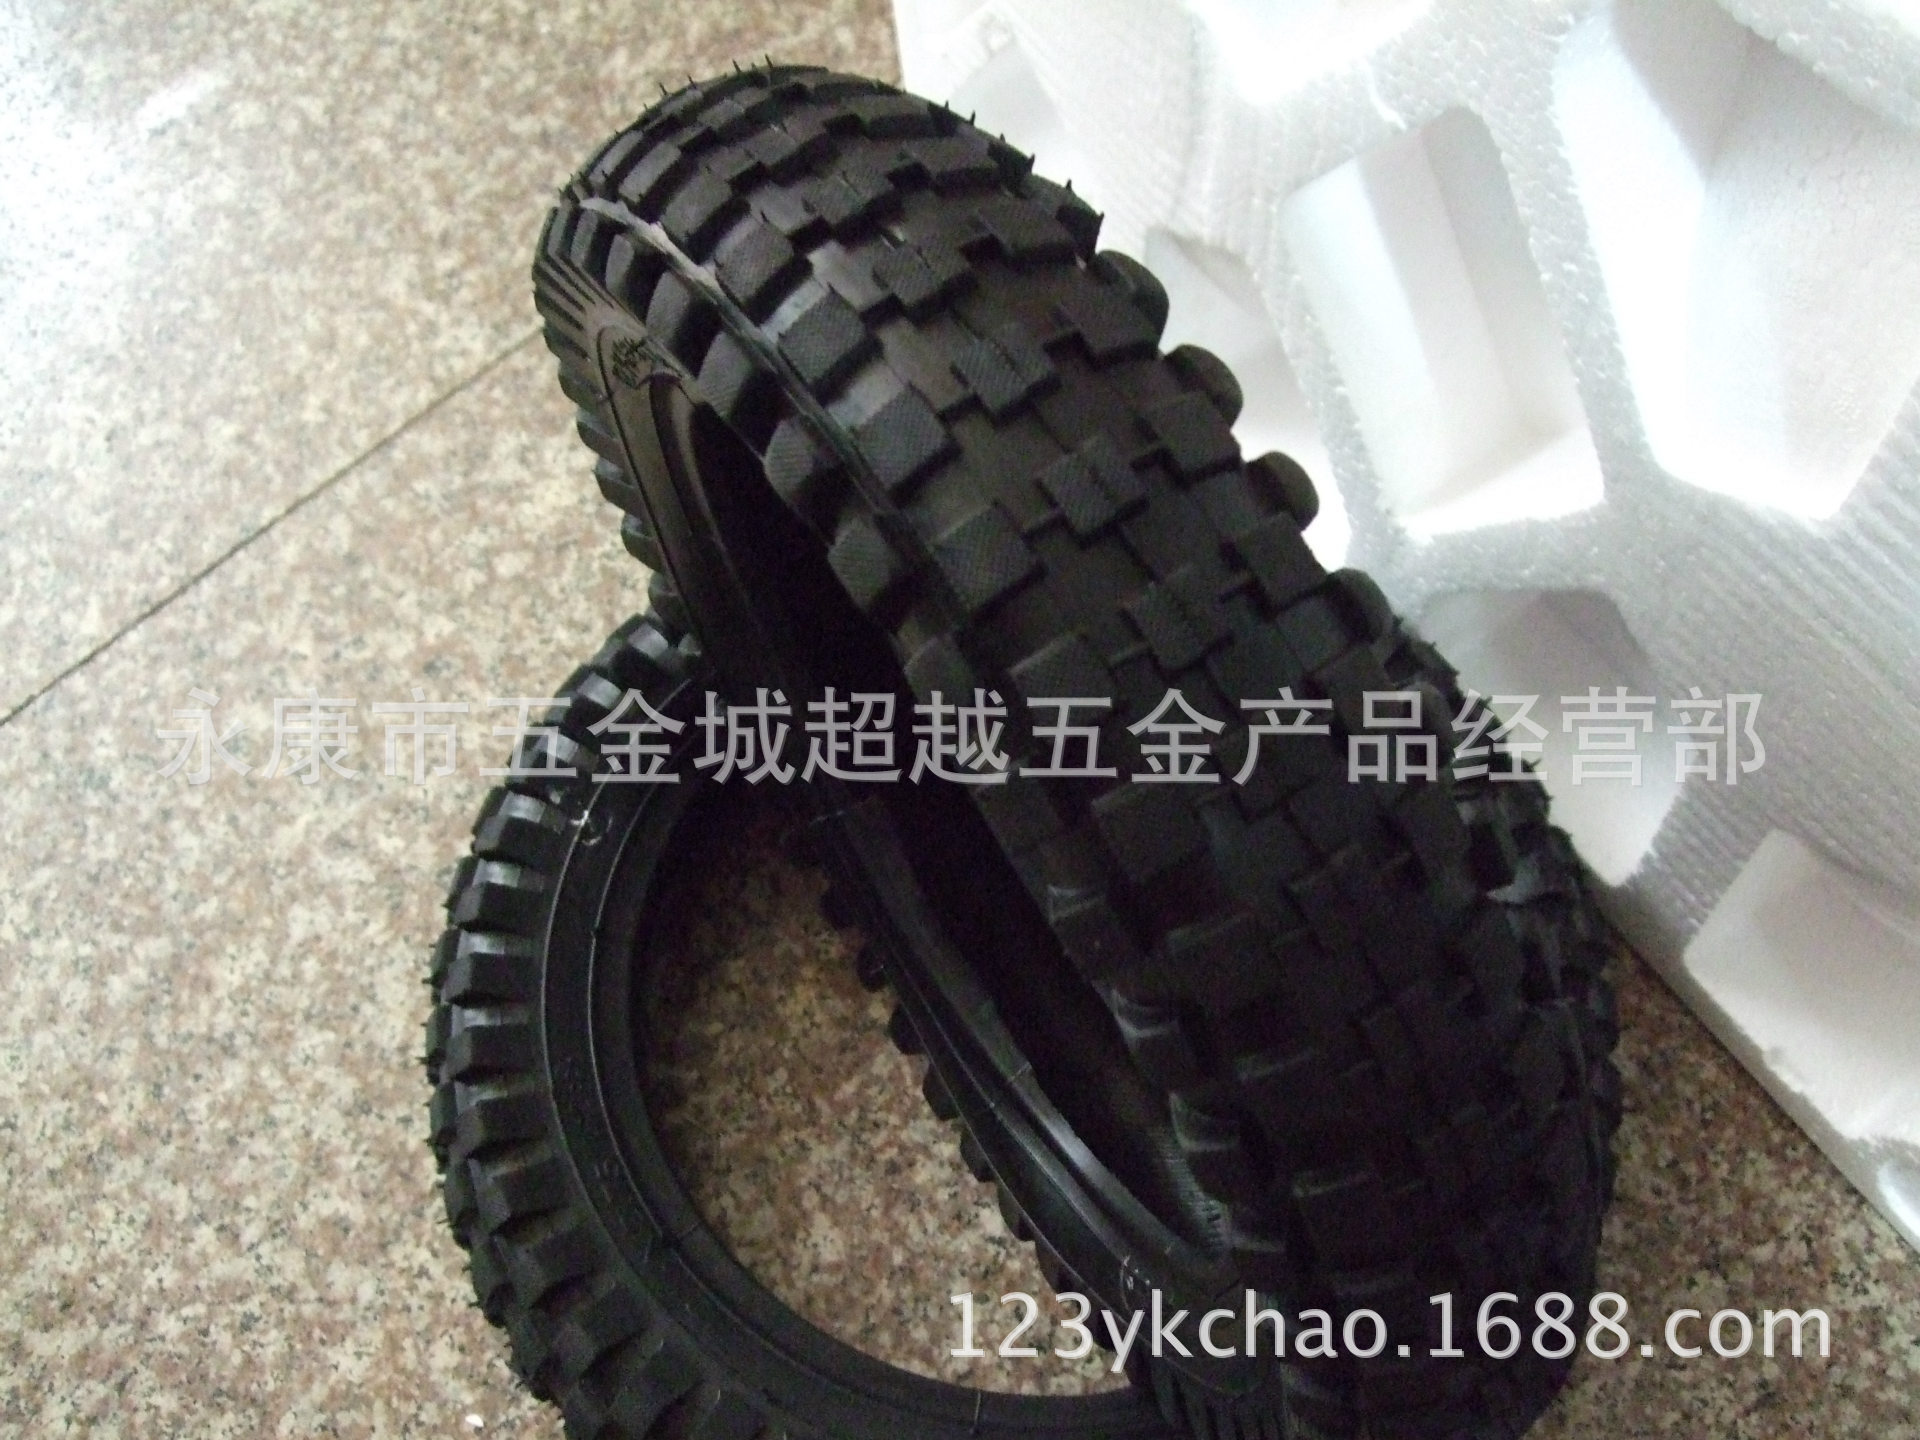 迷你电动车轮胎电动滑板车电动三轮车华东款冲浪车电动车专用轮胎